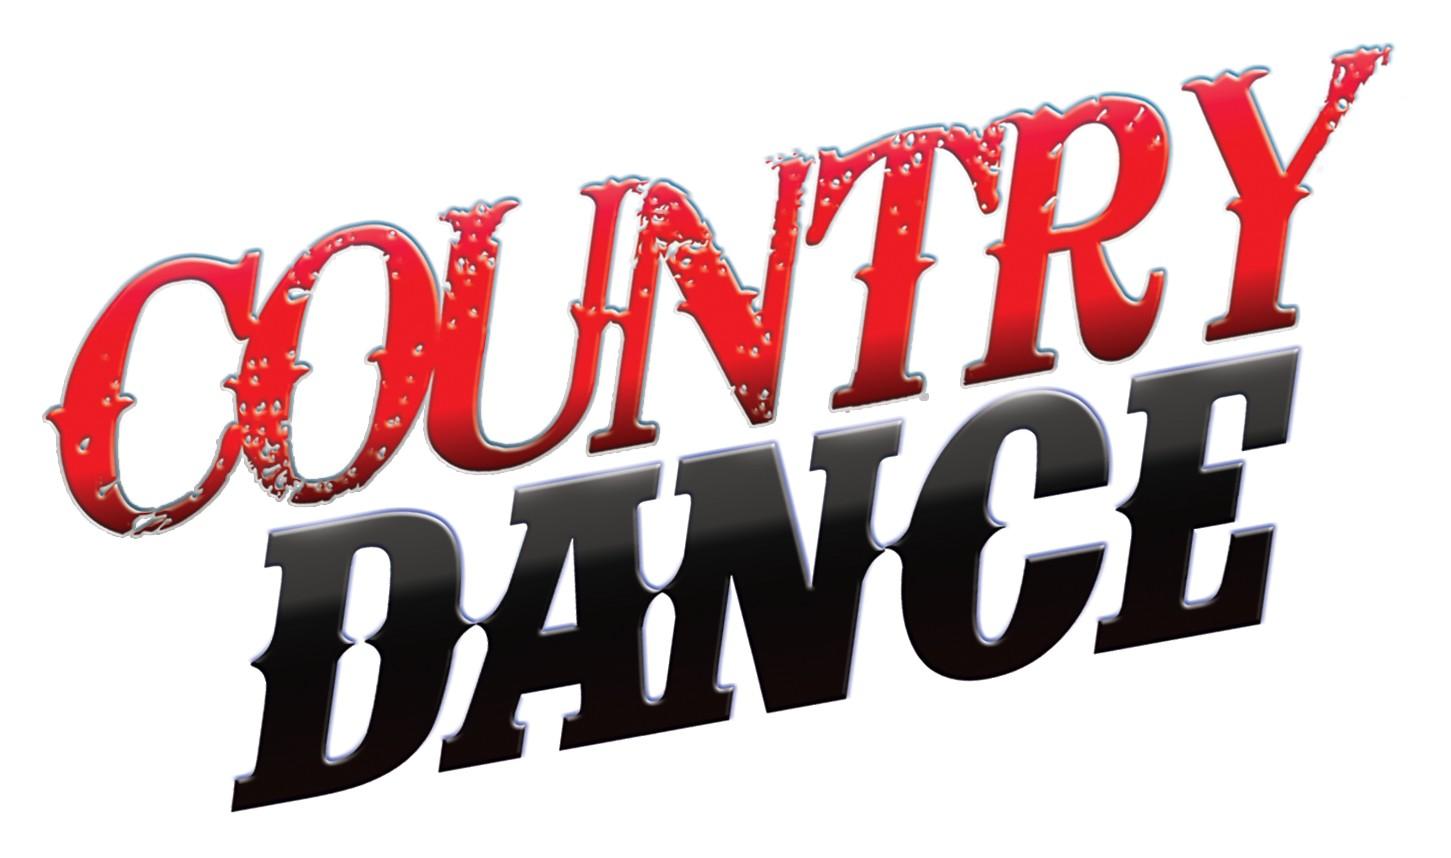 http://purenintendo.com/wp-content/uploads/2011/01/CountryDanceLogo.jpg